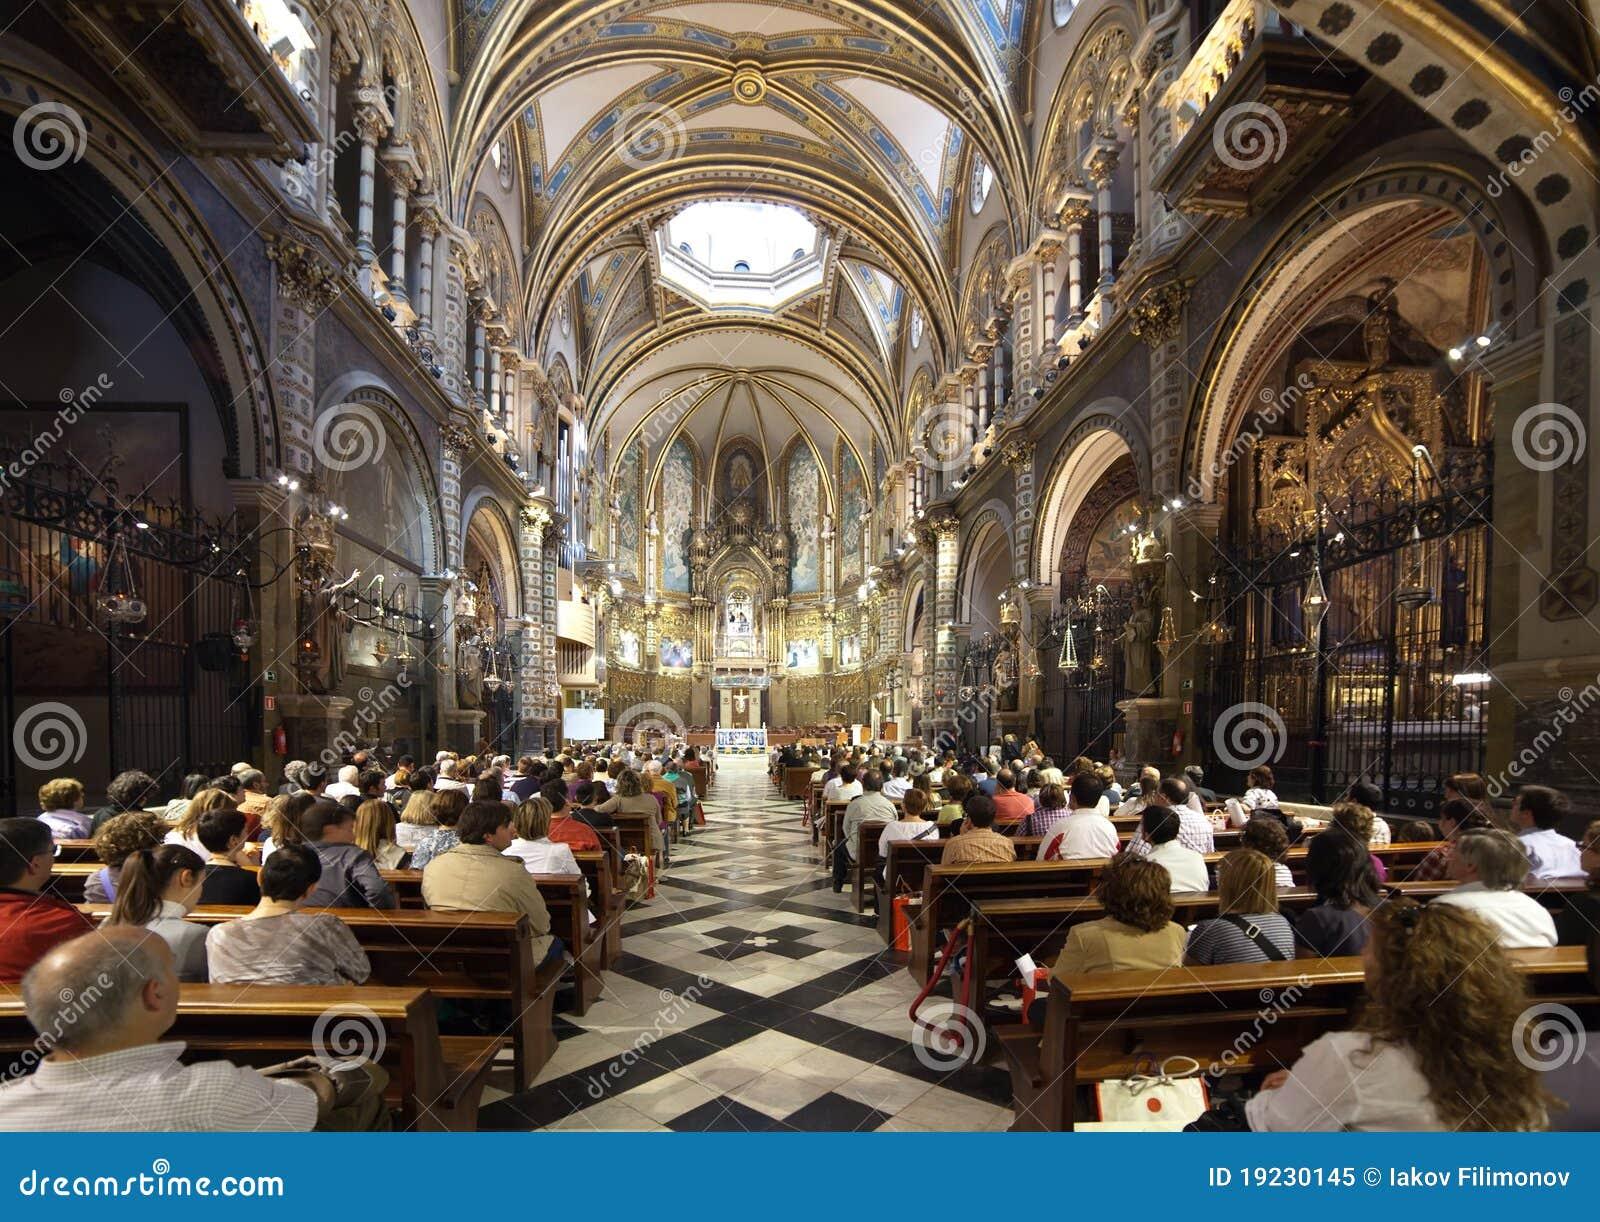 Worshipers during worship in catholic church